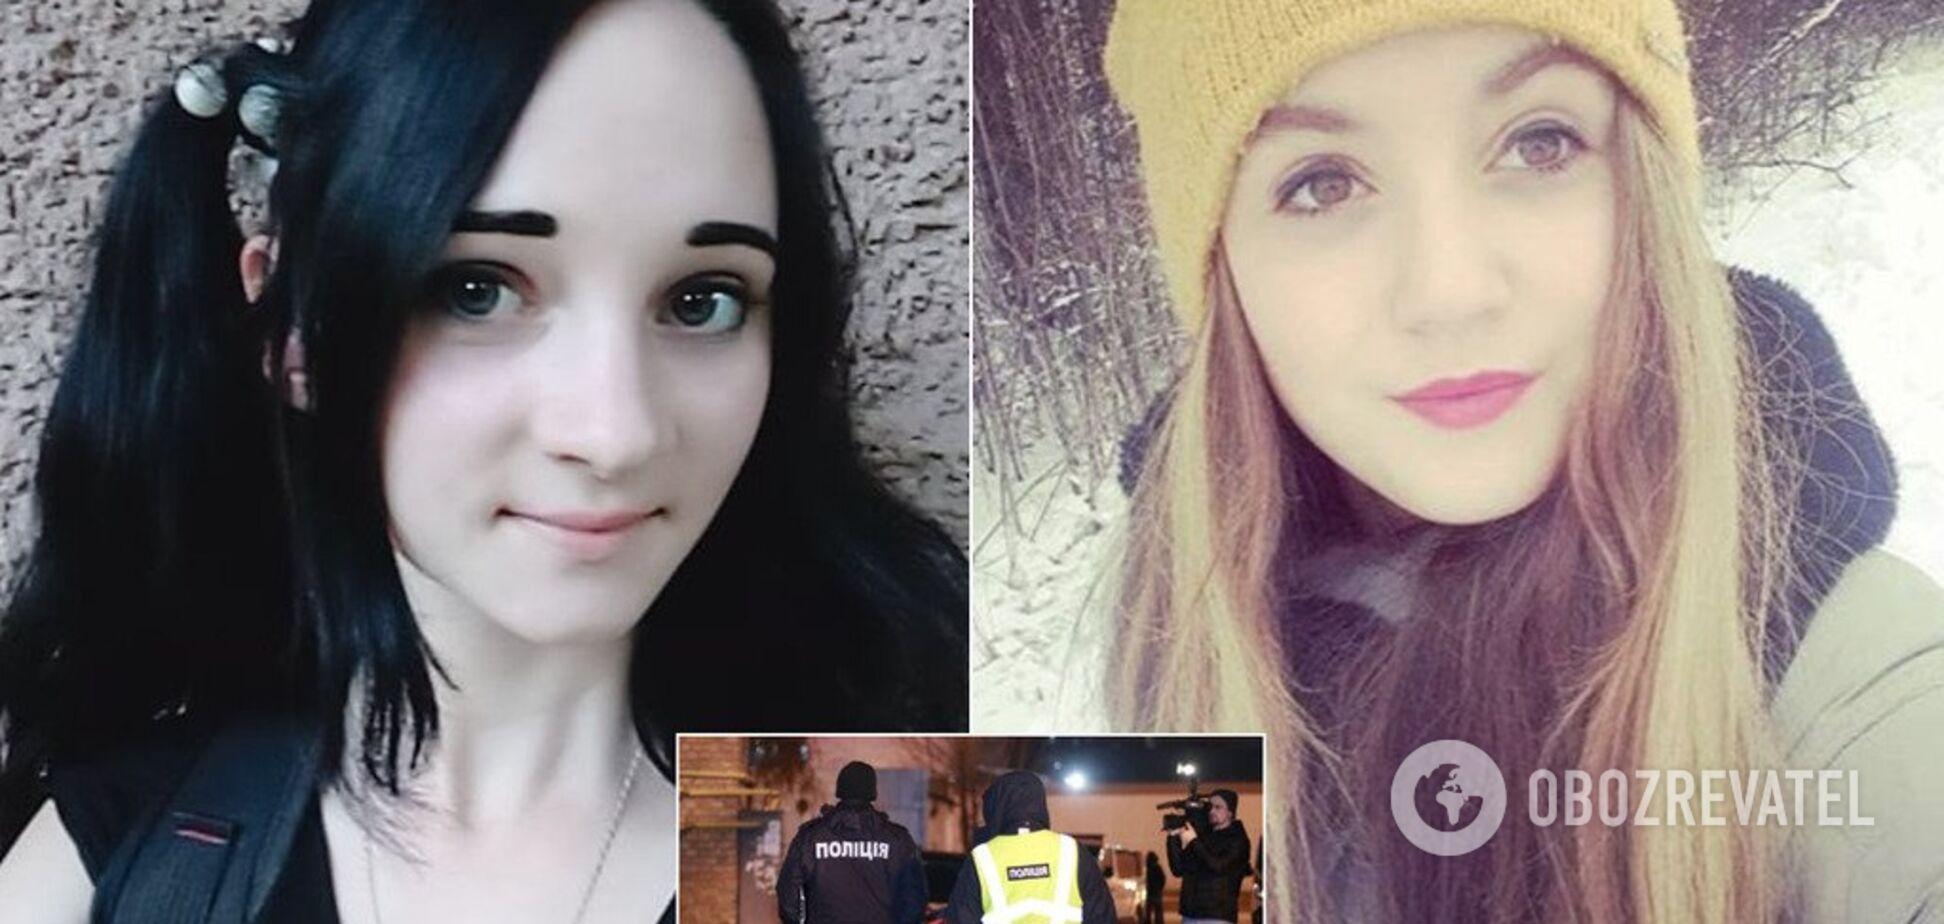 Подозреваемые задержаны: что известно об убийстве девушек, которое потрясло Киев